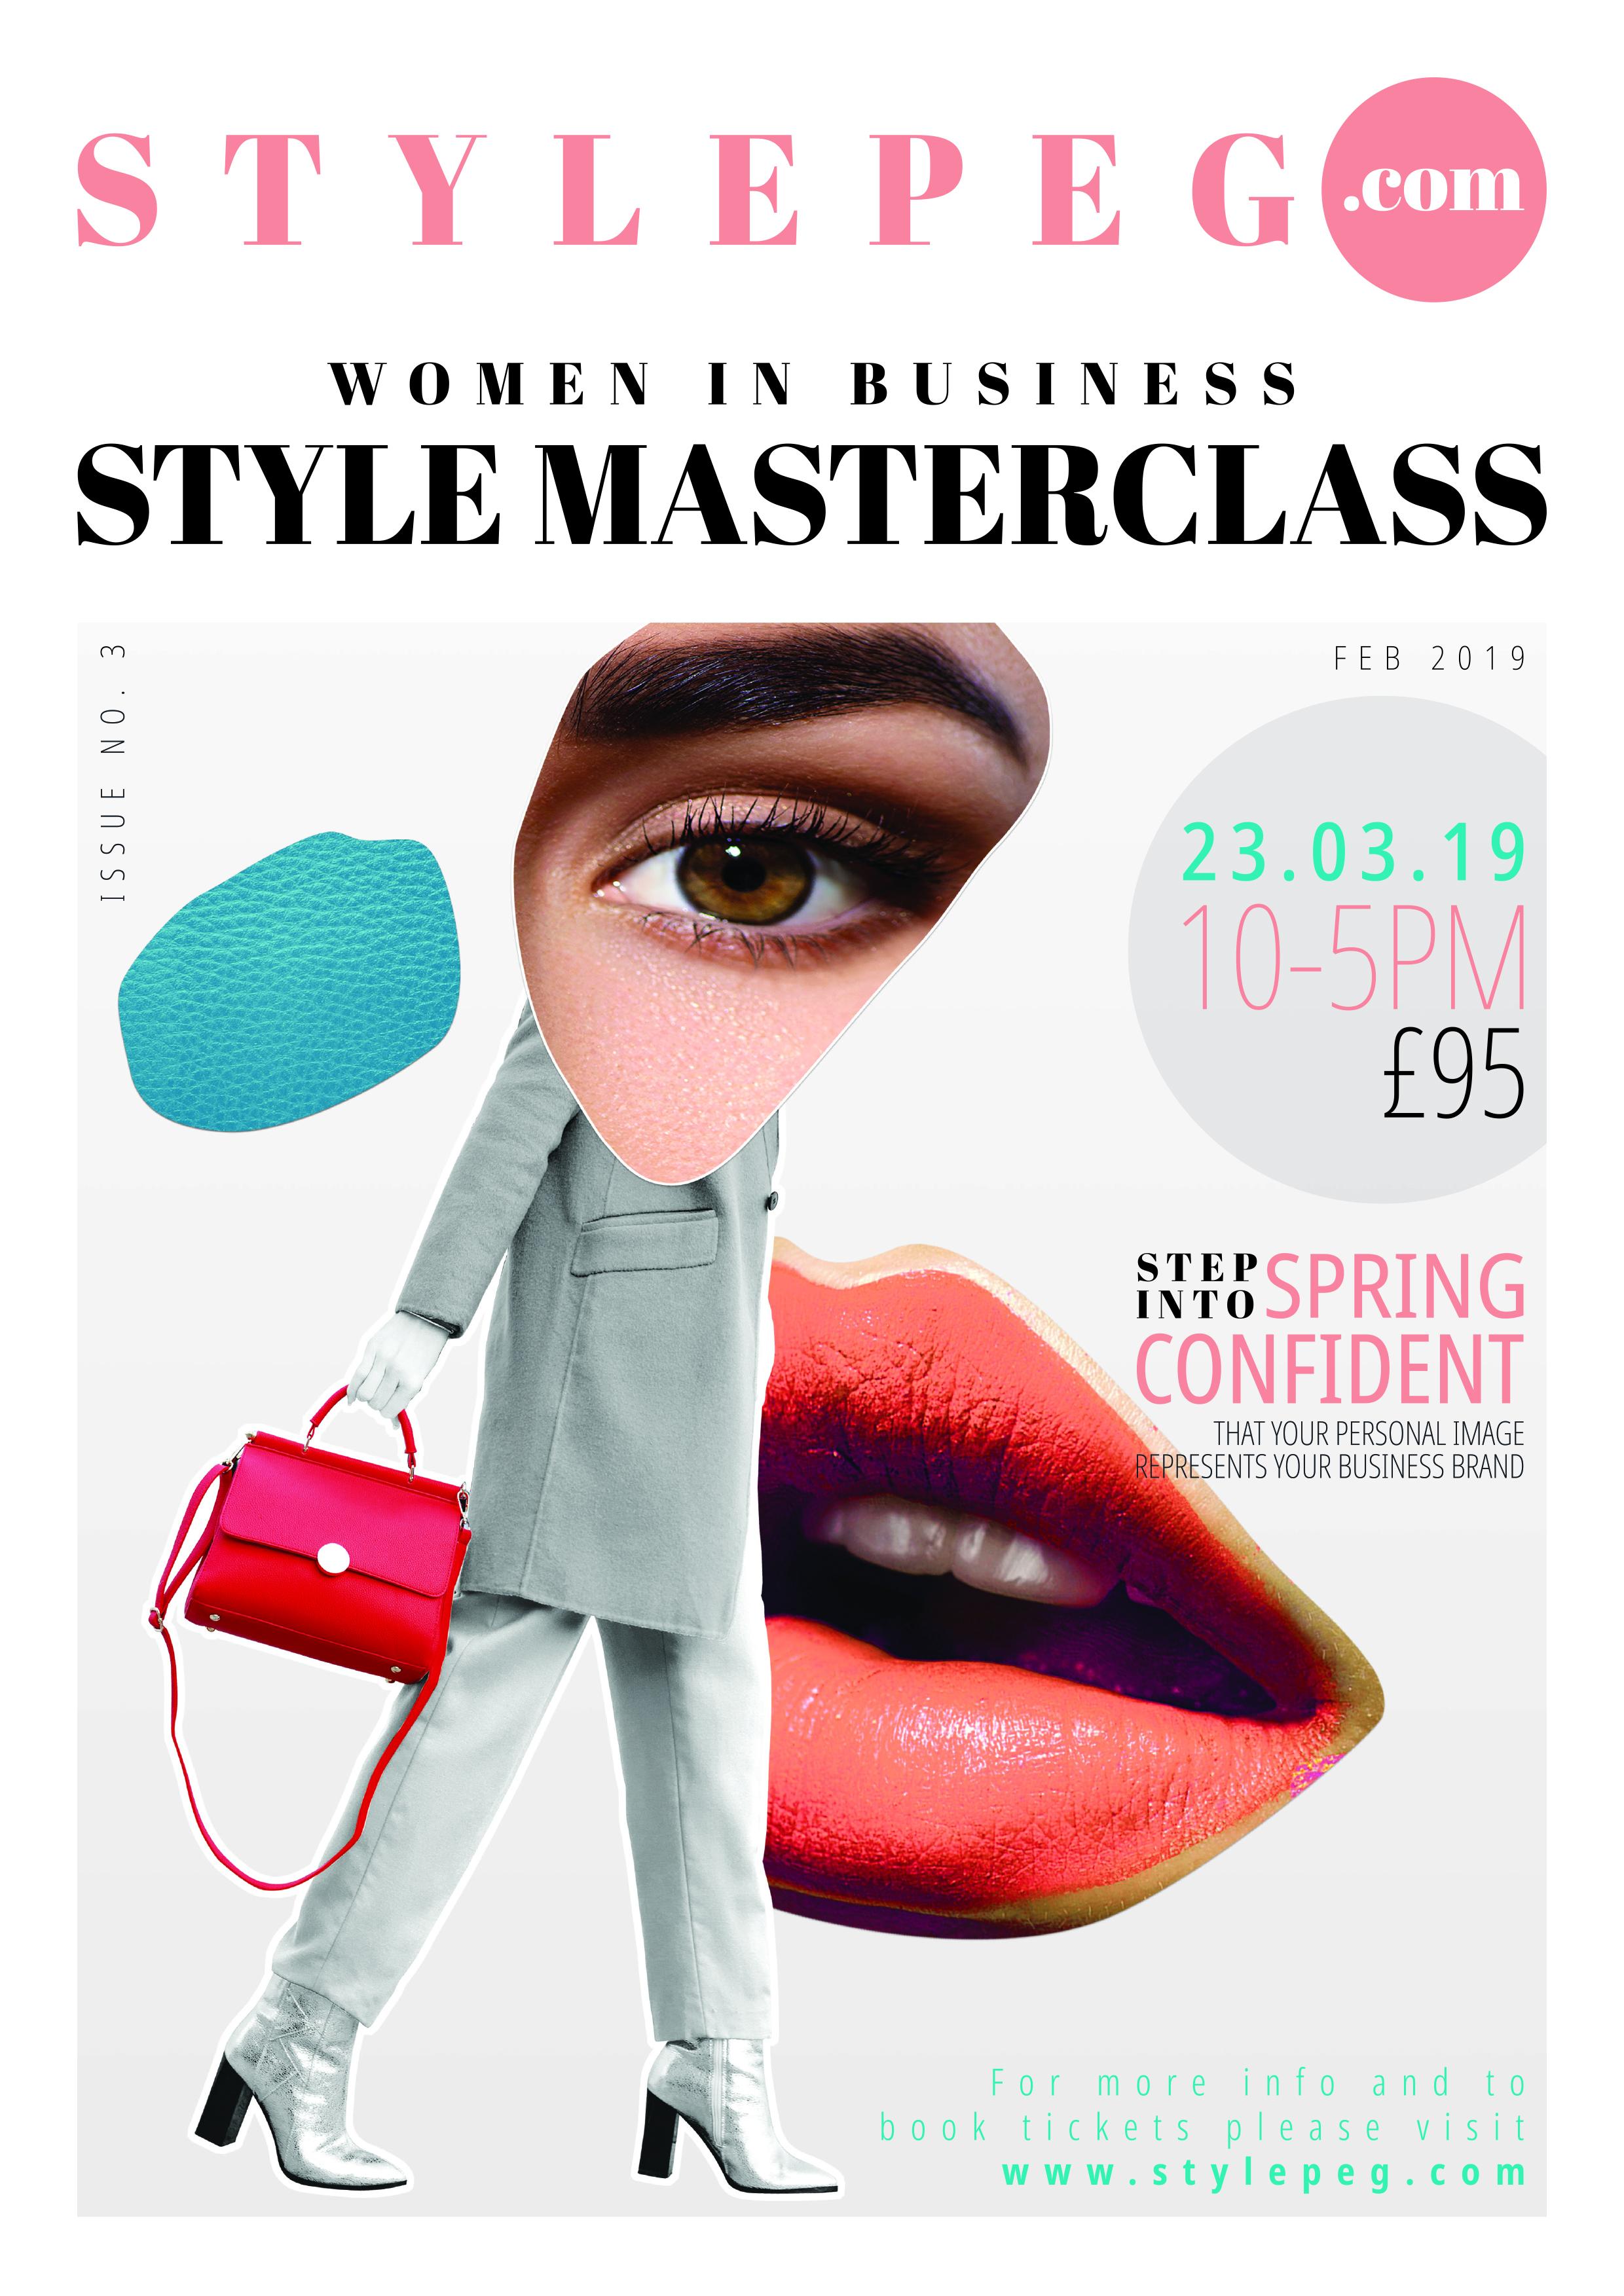 Stylepeg-Magazine-Cover-Poster-V2-Release.jpg